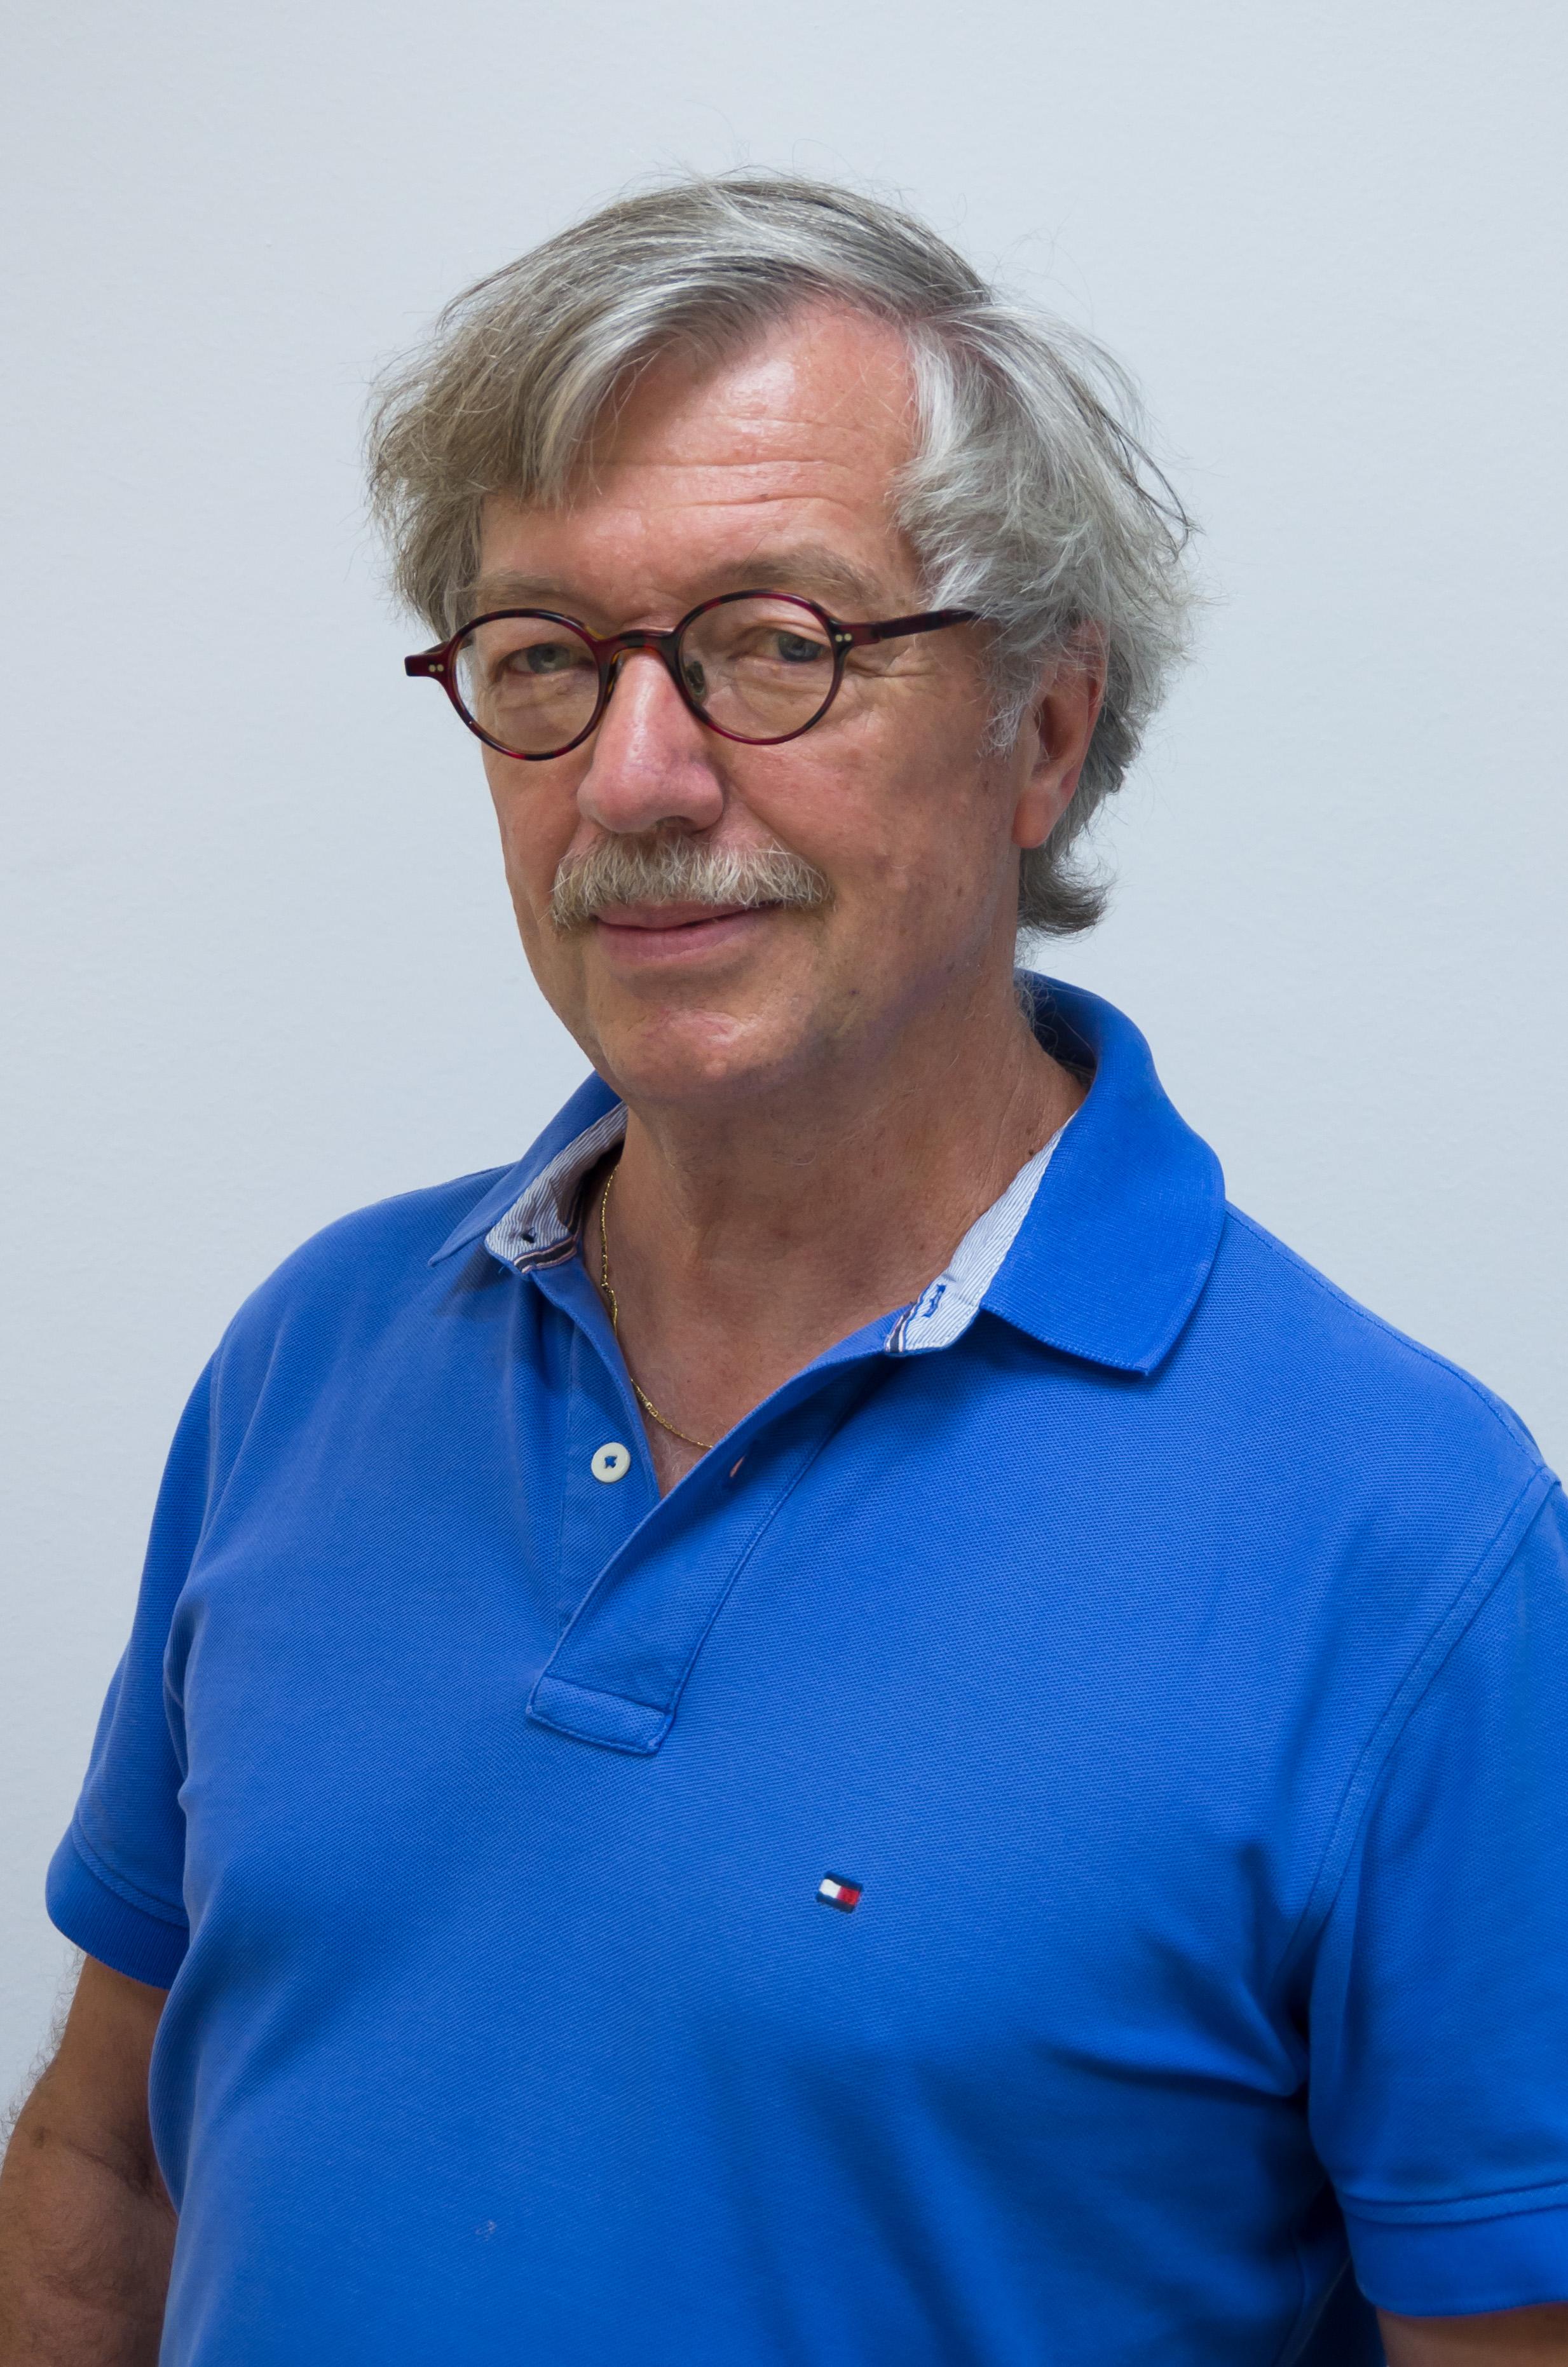 Porträtfoto von Rainer Verheyen